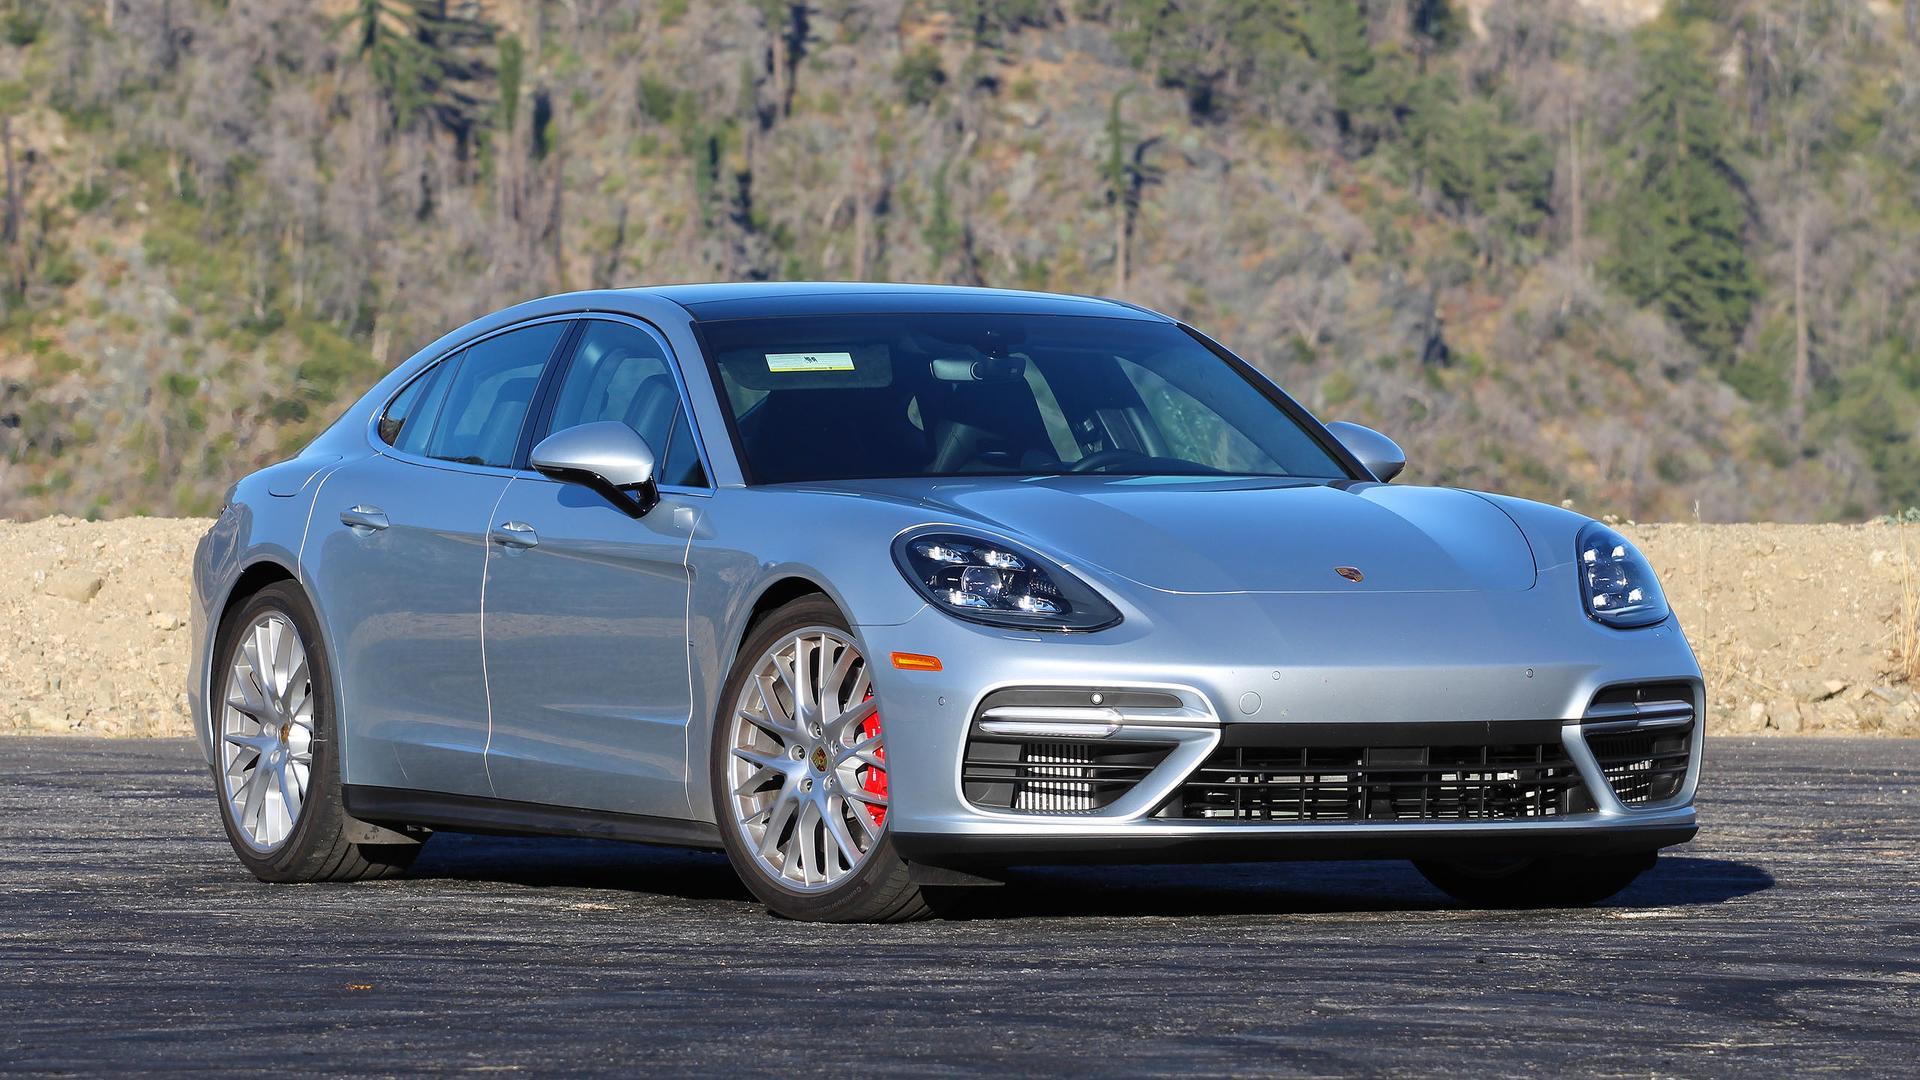 2017 Porsche Panamera Turbo Review The Four,Door 911